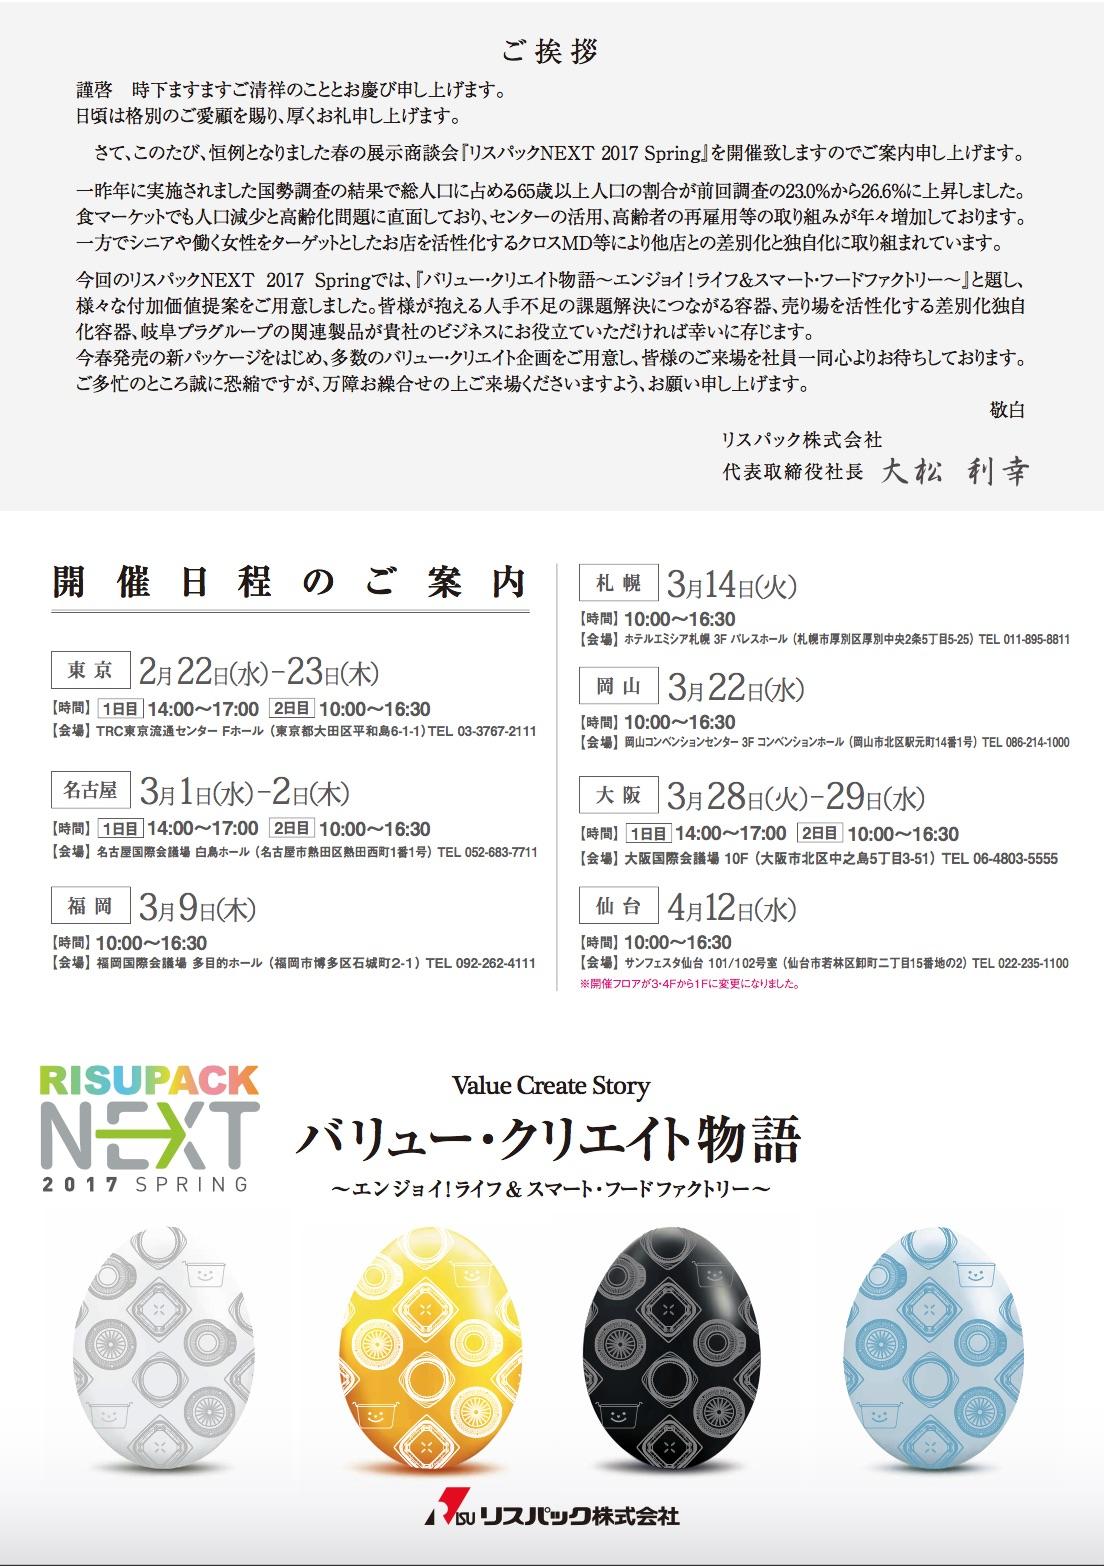 NEXT2017春_案内状1